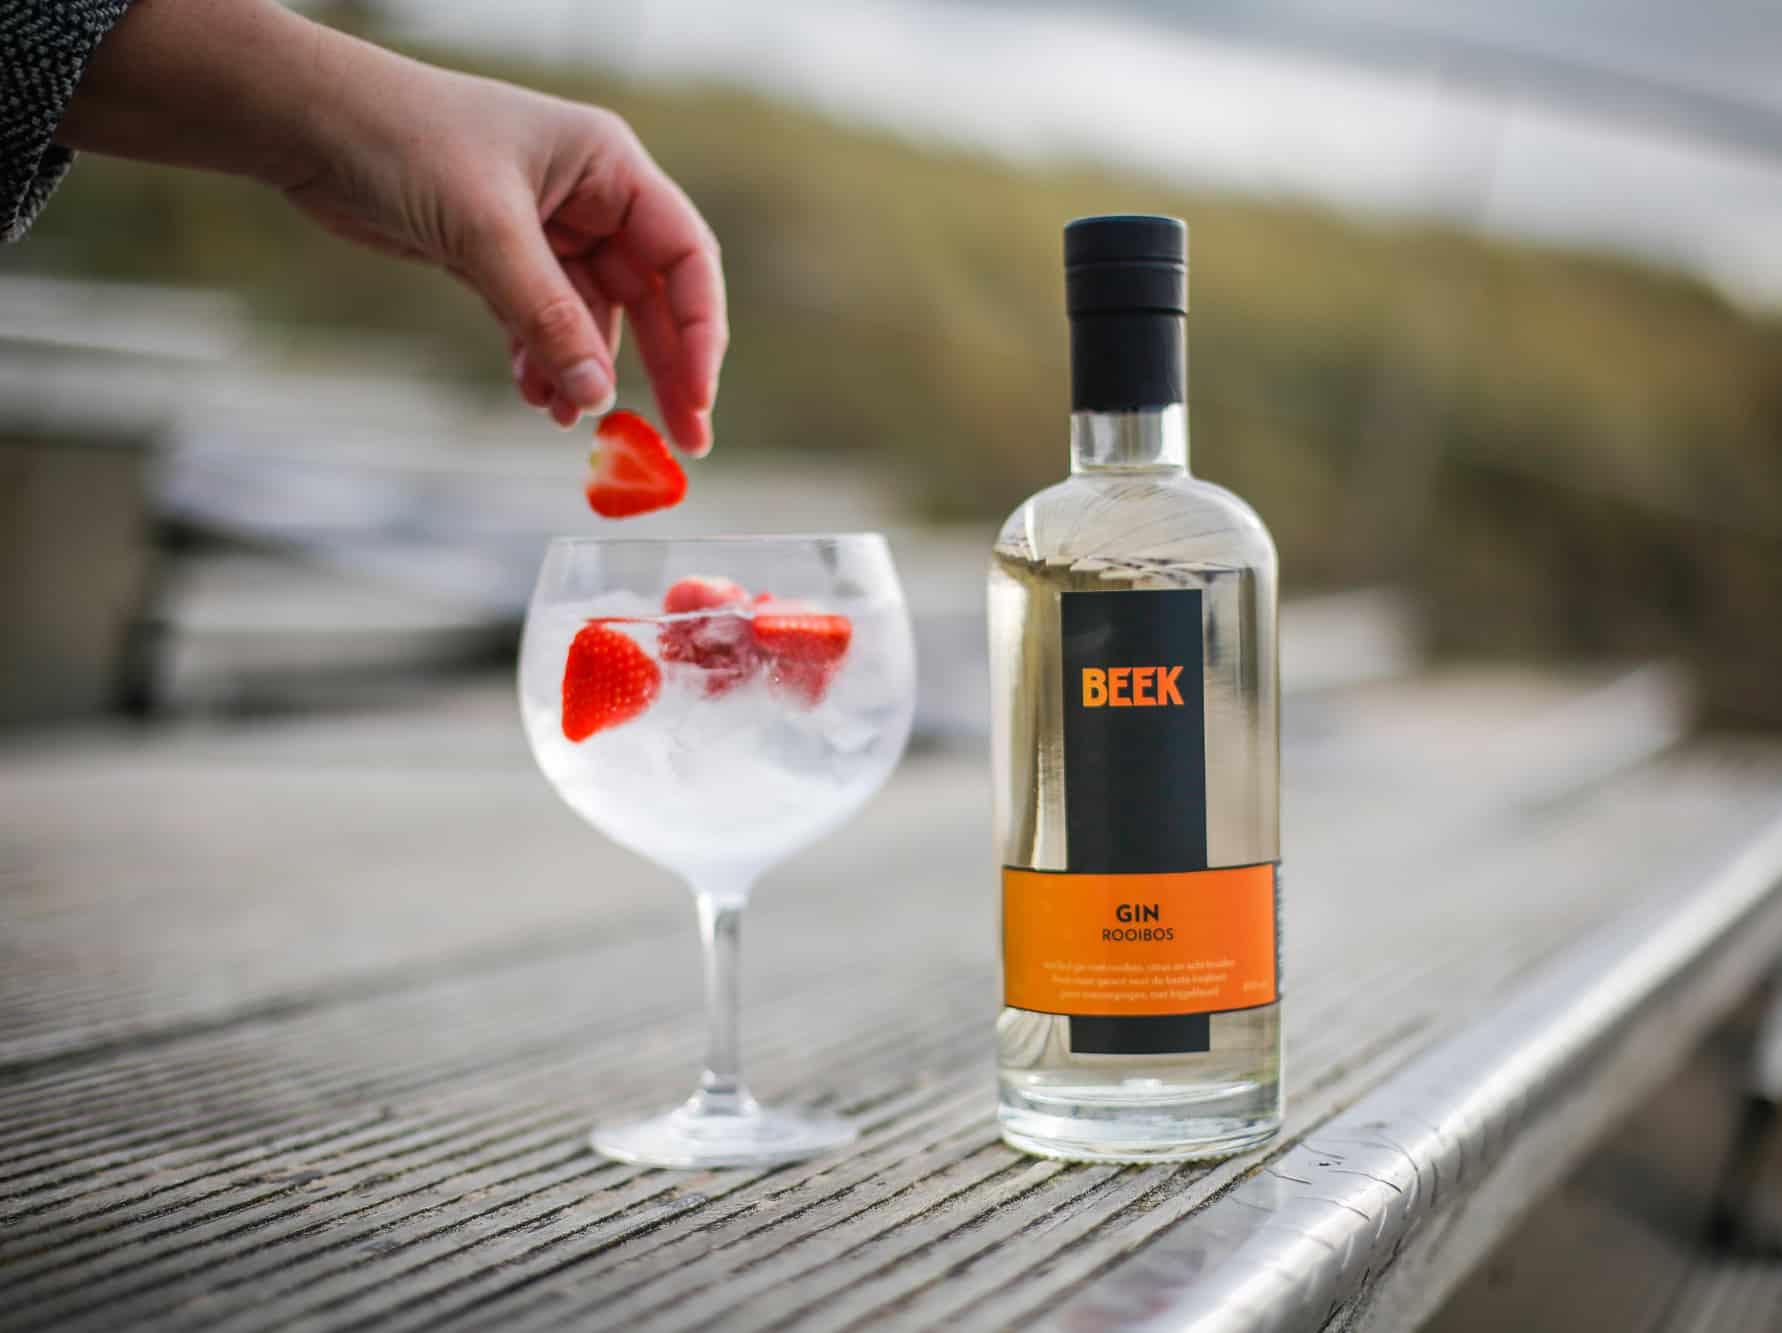 BEEK Gin & Tonic met aardbei door Jesse Reij